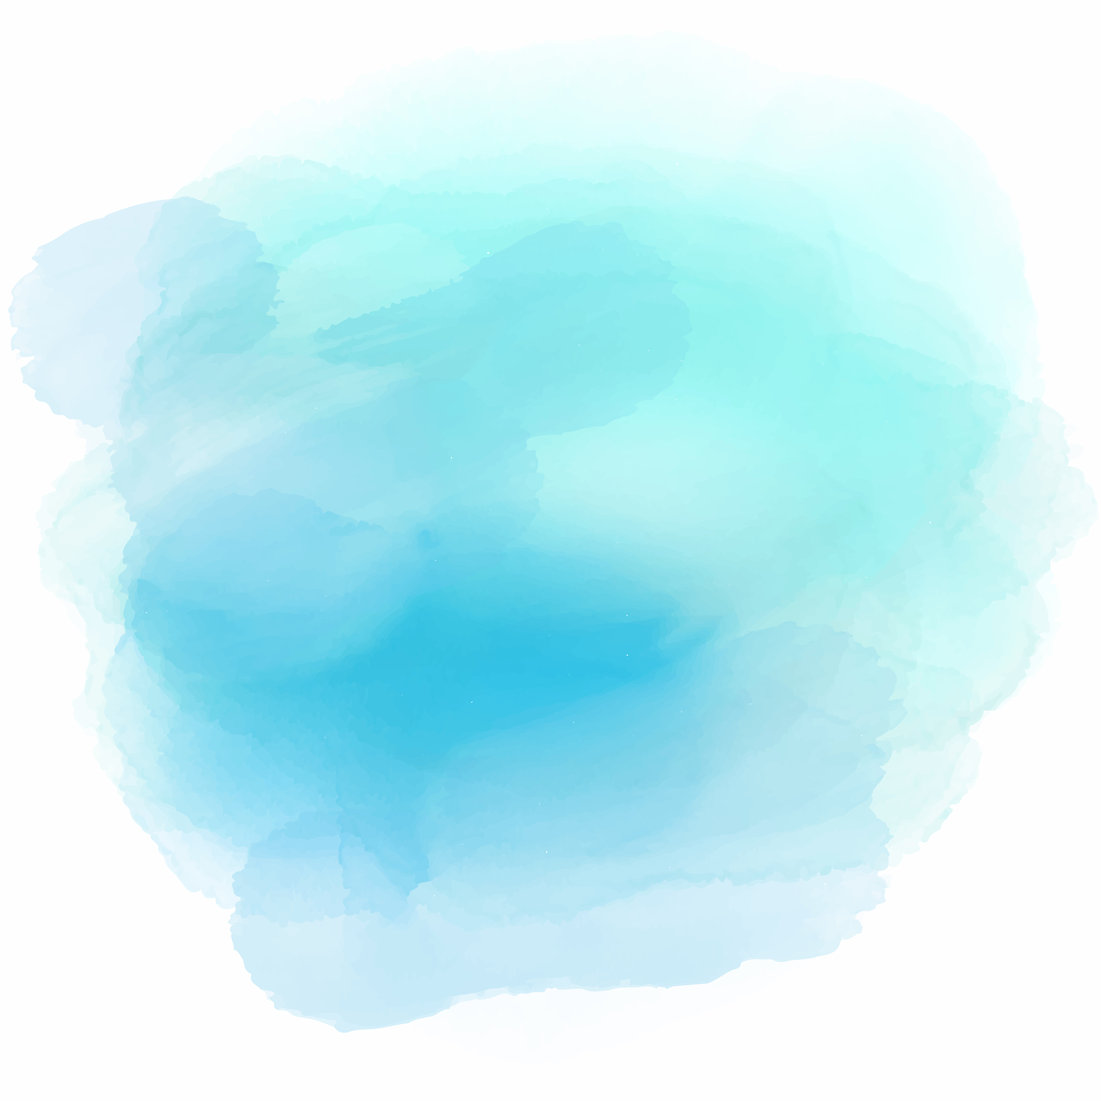 5169.jpg